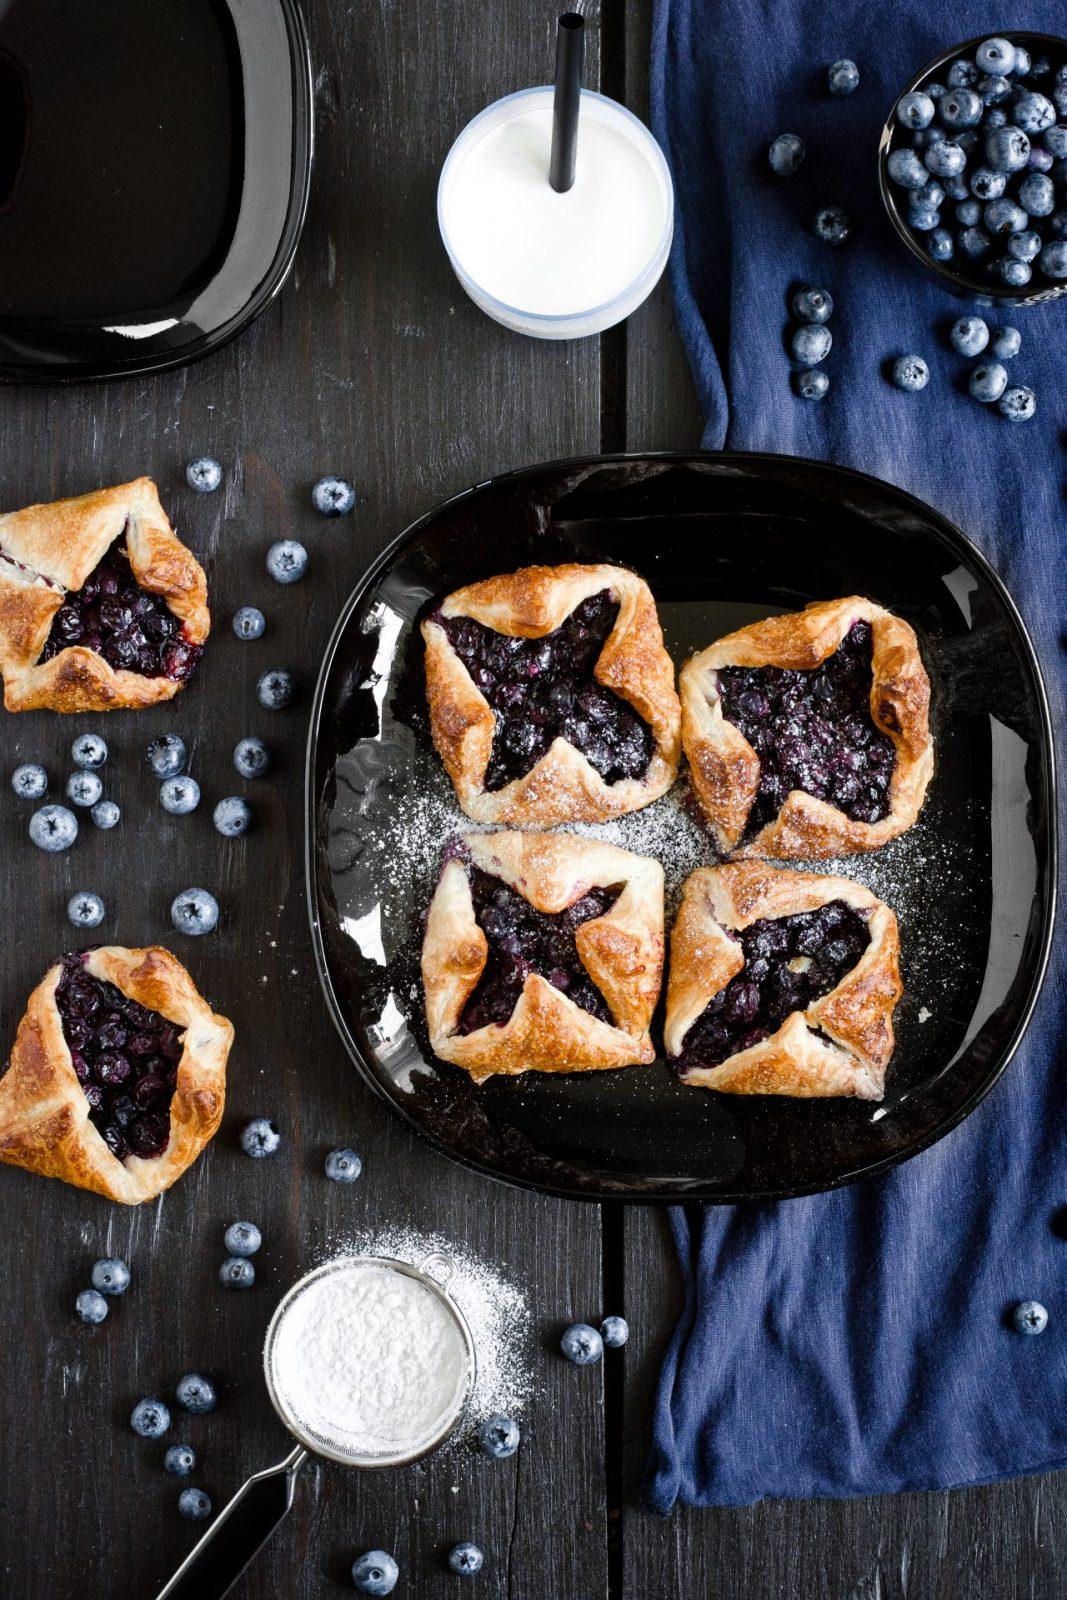 ciastka francuskie z borówkami